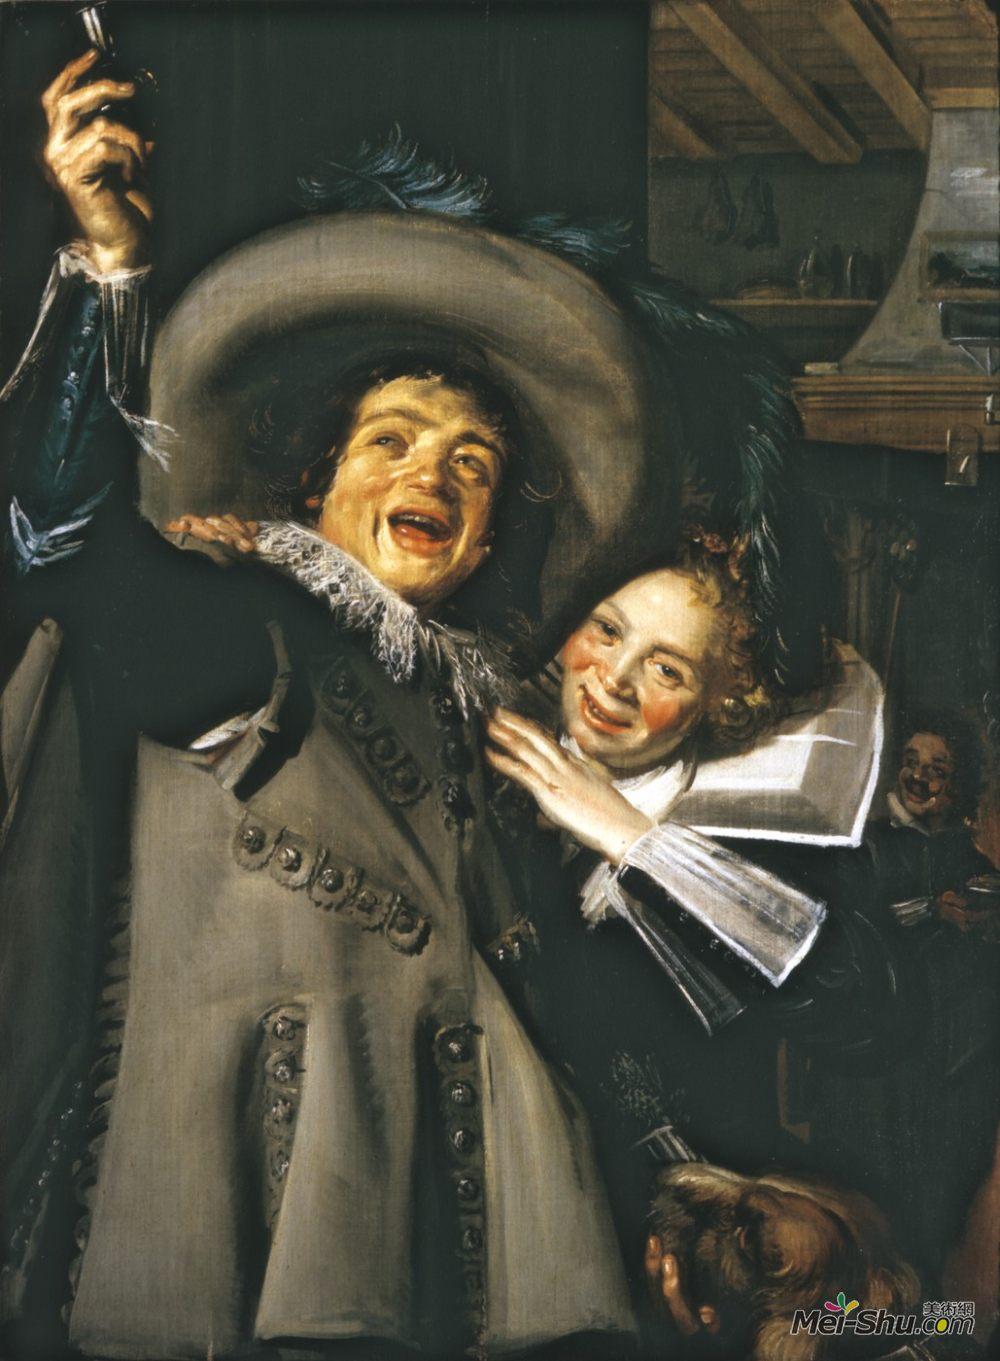 弗朗斯·哈尔斯(Frans Hals)高清作品《Young Man and Woman in an Inn (Yonker Ramp and His Sweethear》